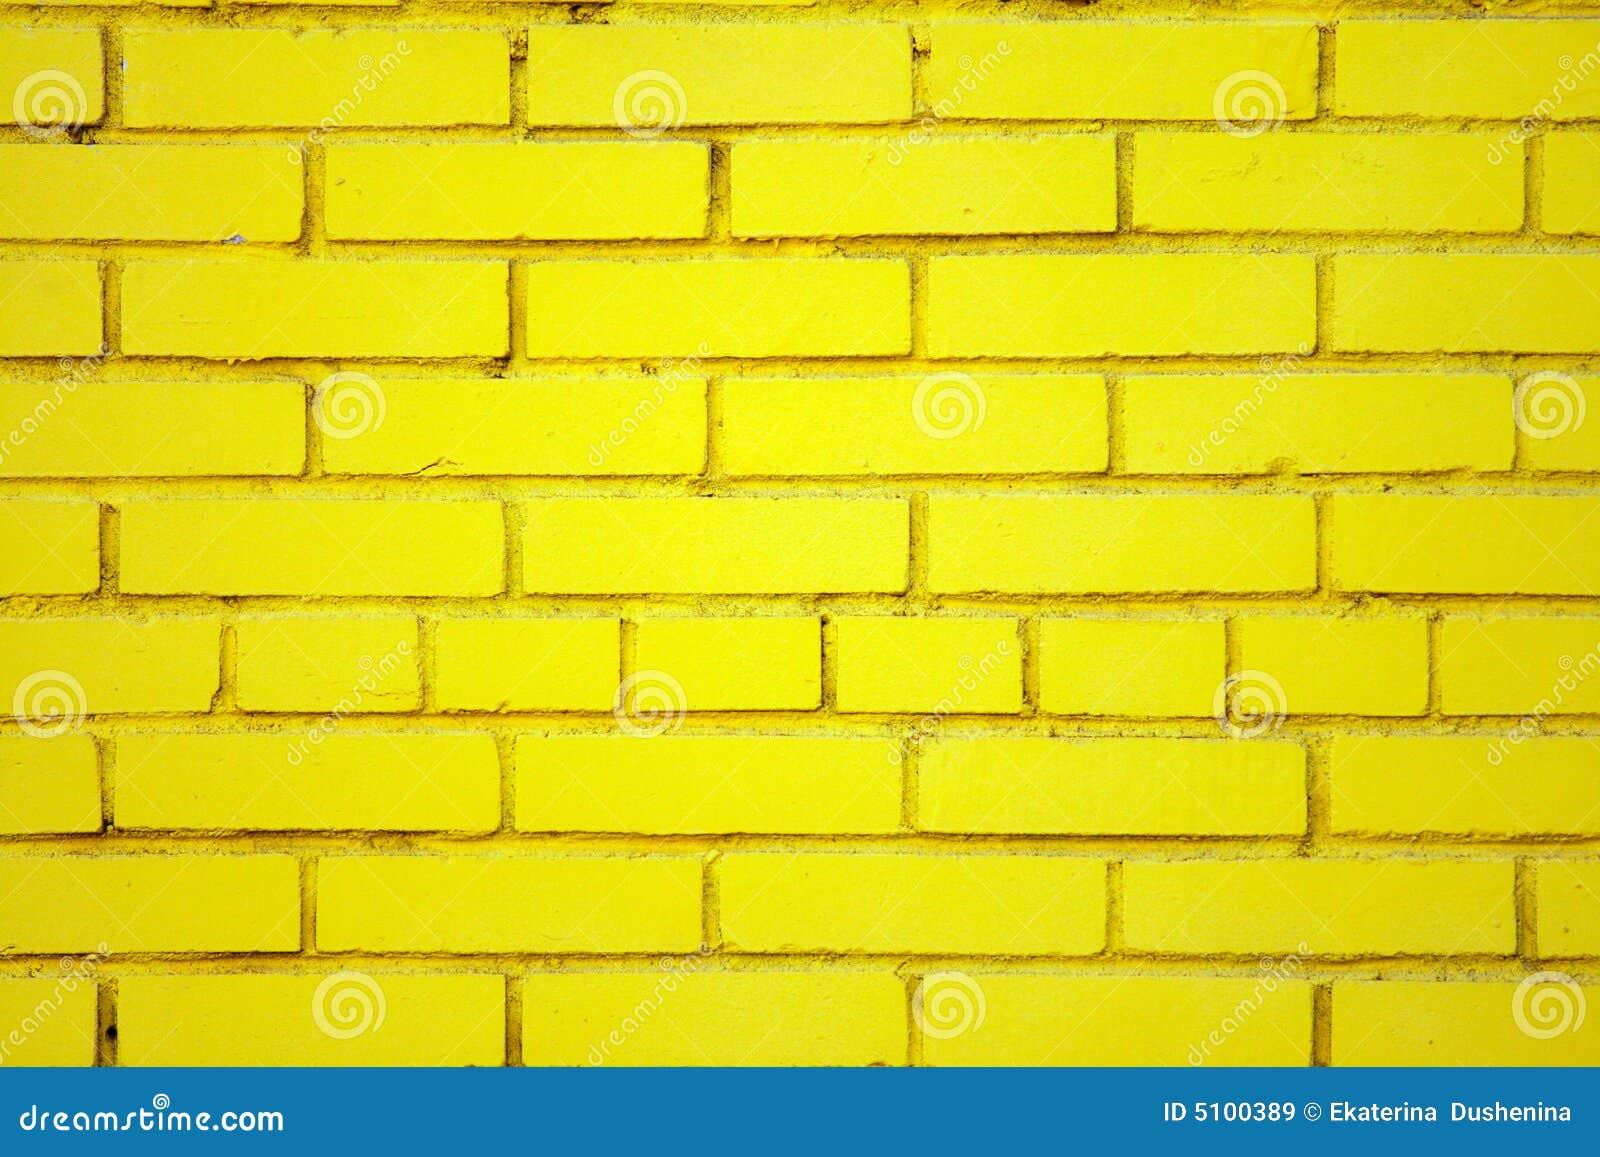 vieux mur de briques jaune images libres de droits image. Black Bedroom Furniture Sets. Home Design Ideas